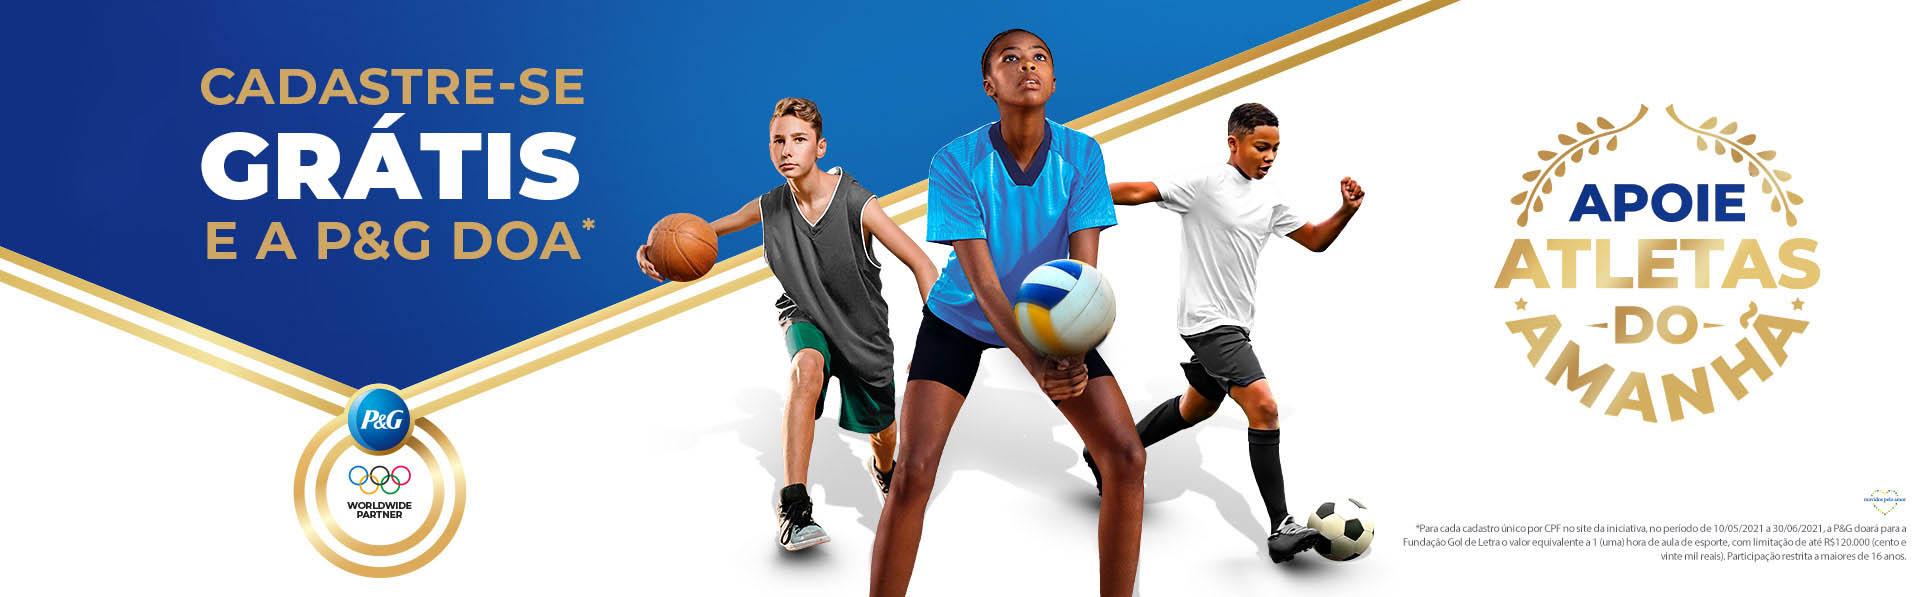 banner campanha p&g mudar vida crianças adolescentes através esporte